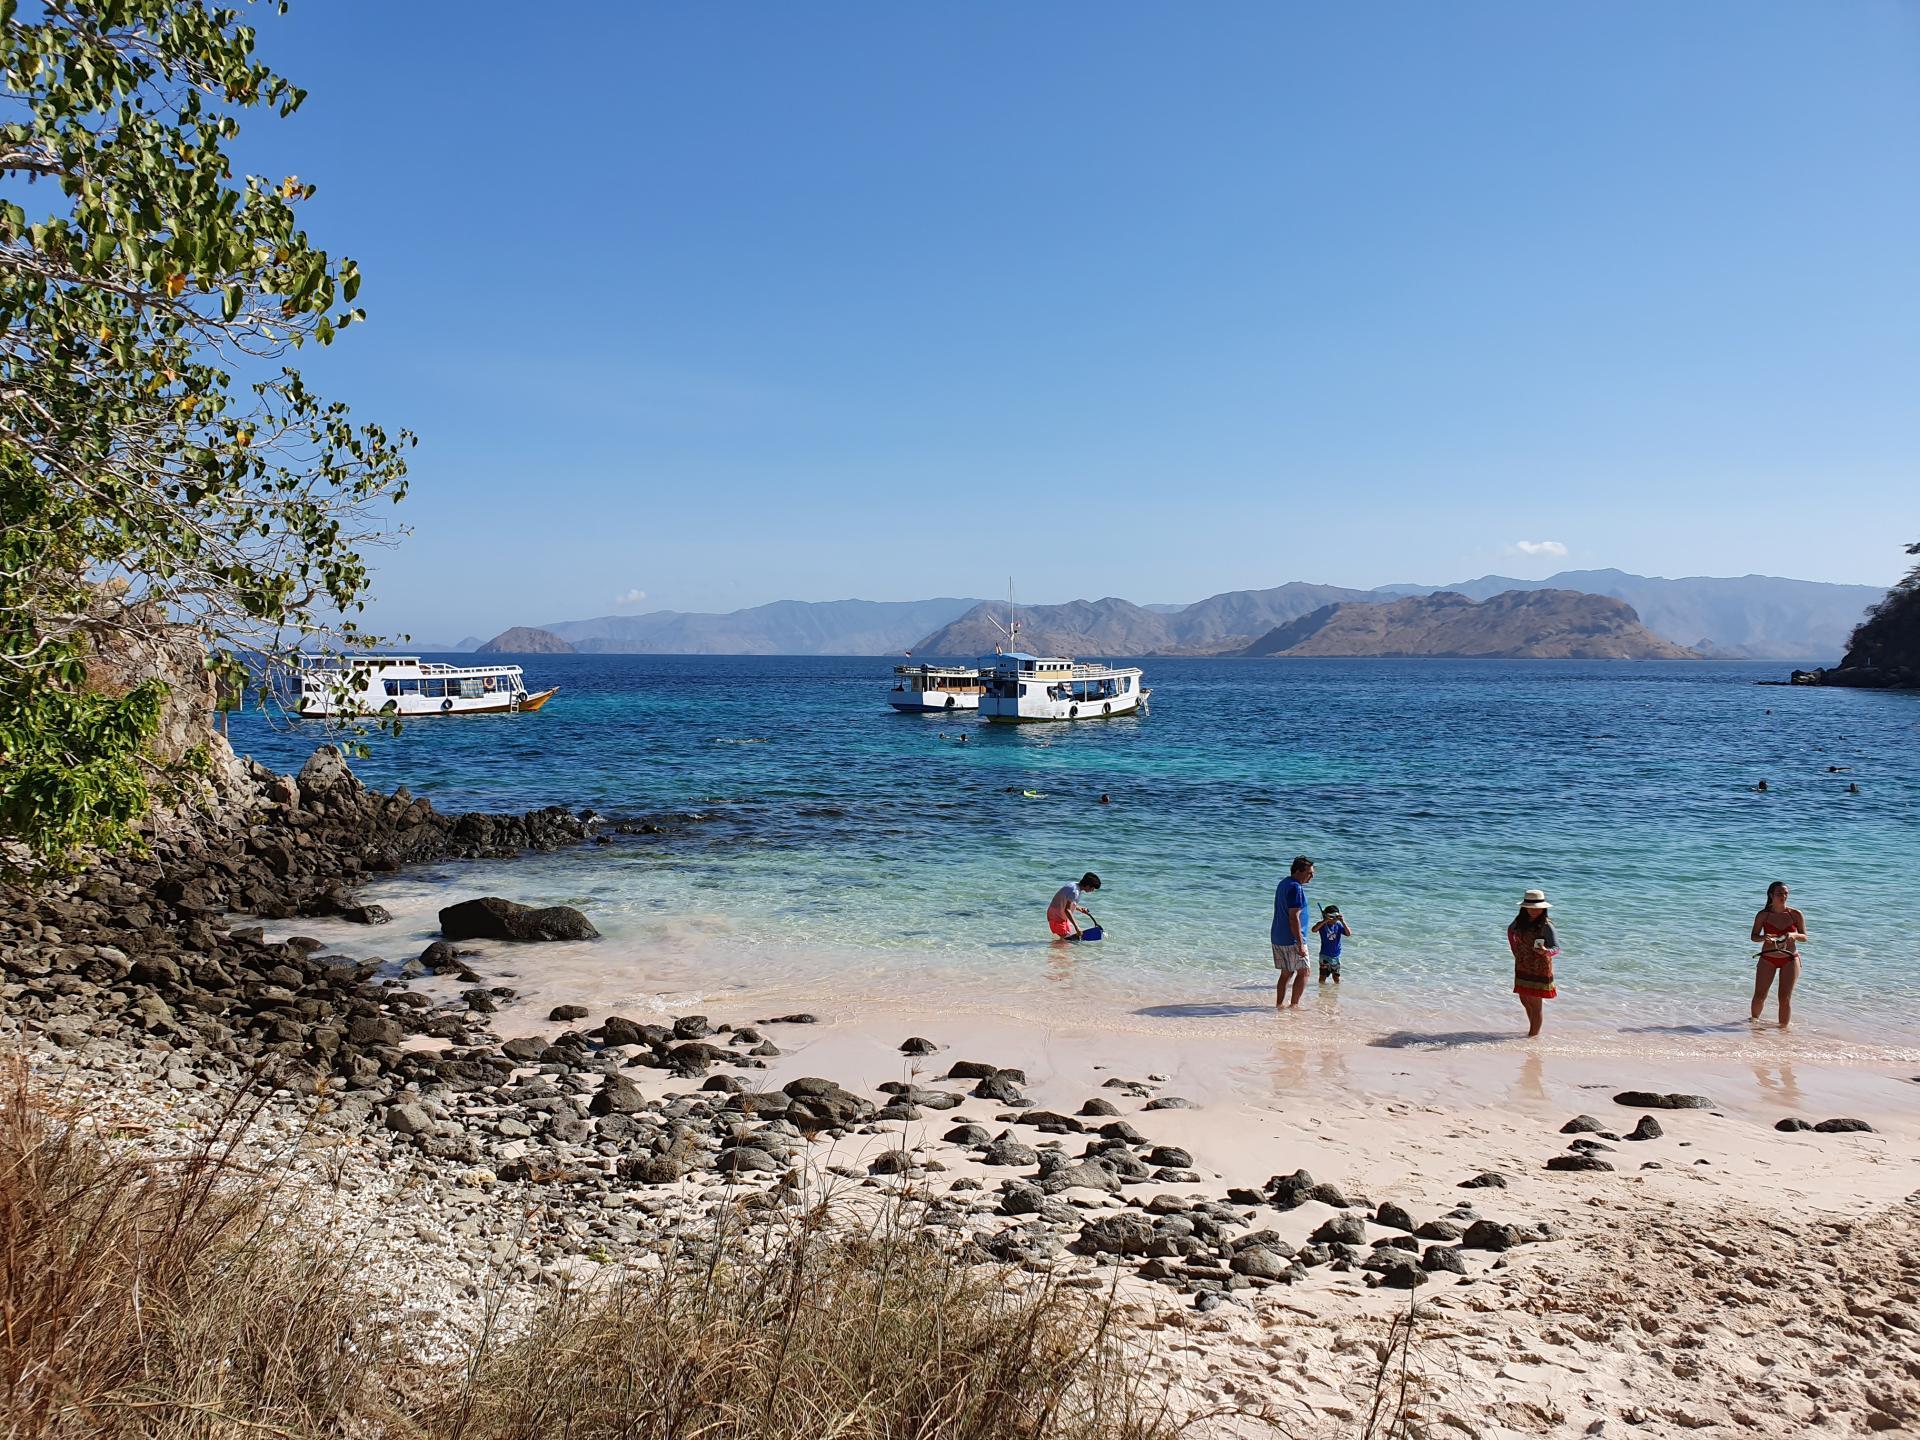 розовый пляж на острове Пинк Бич